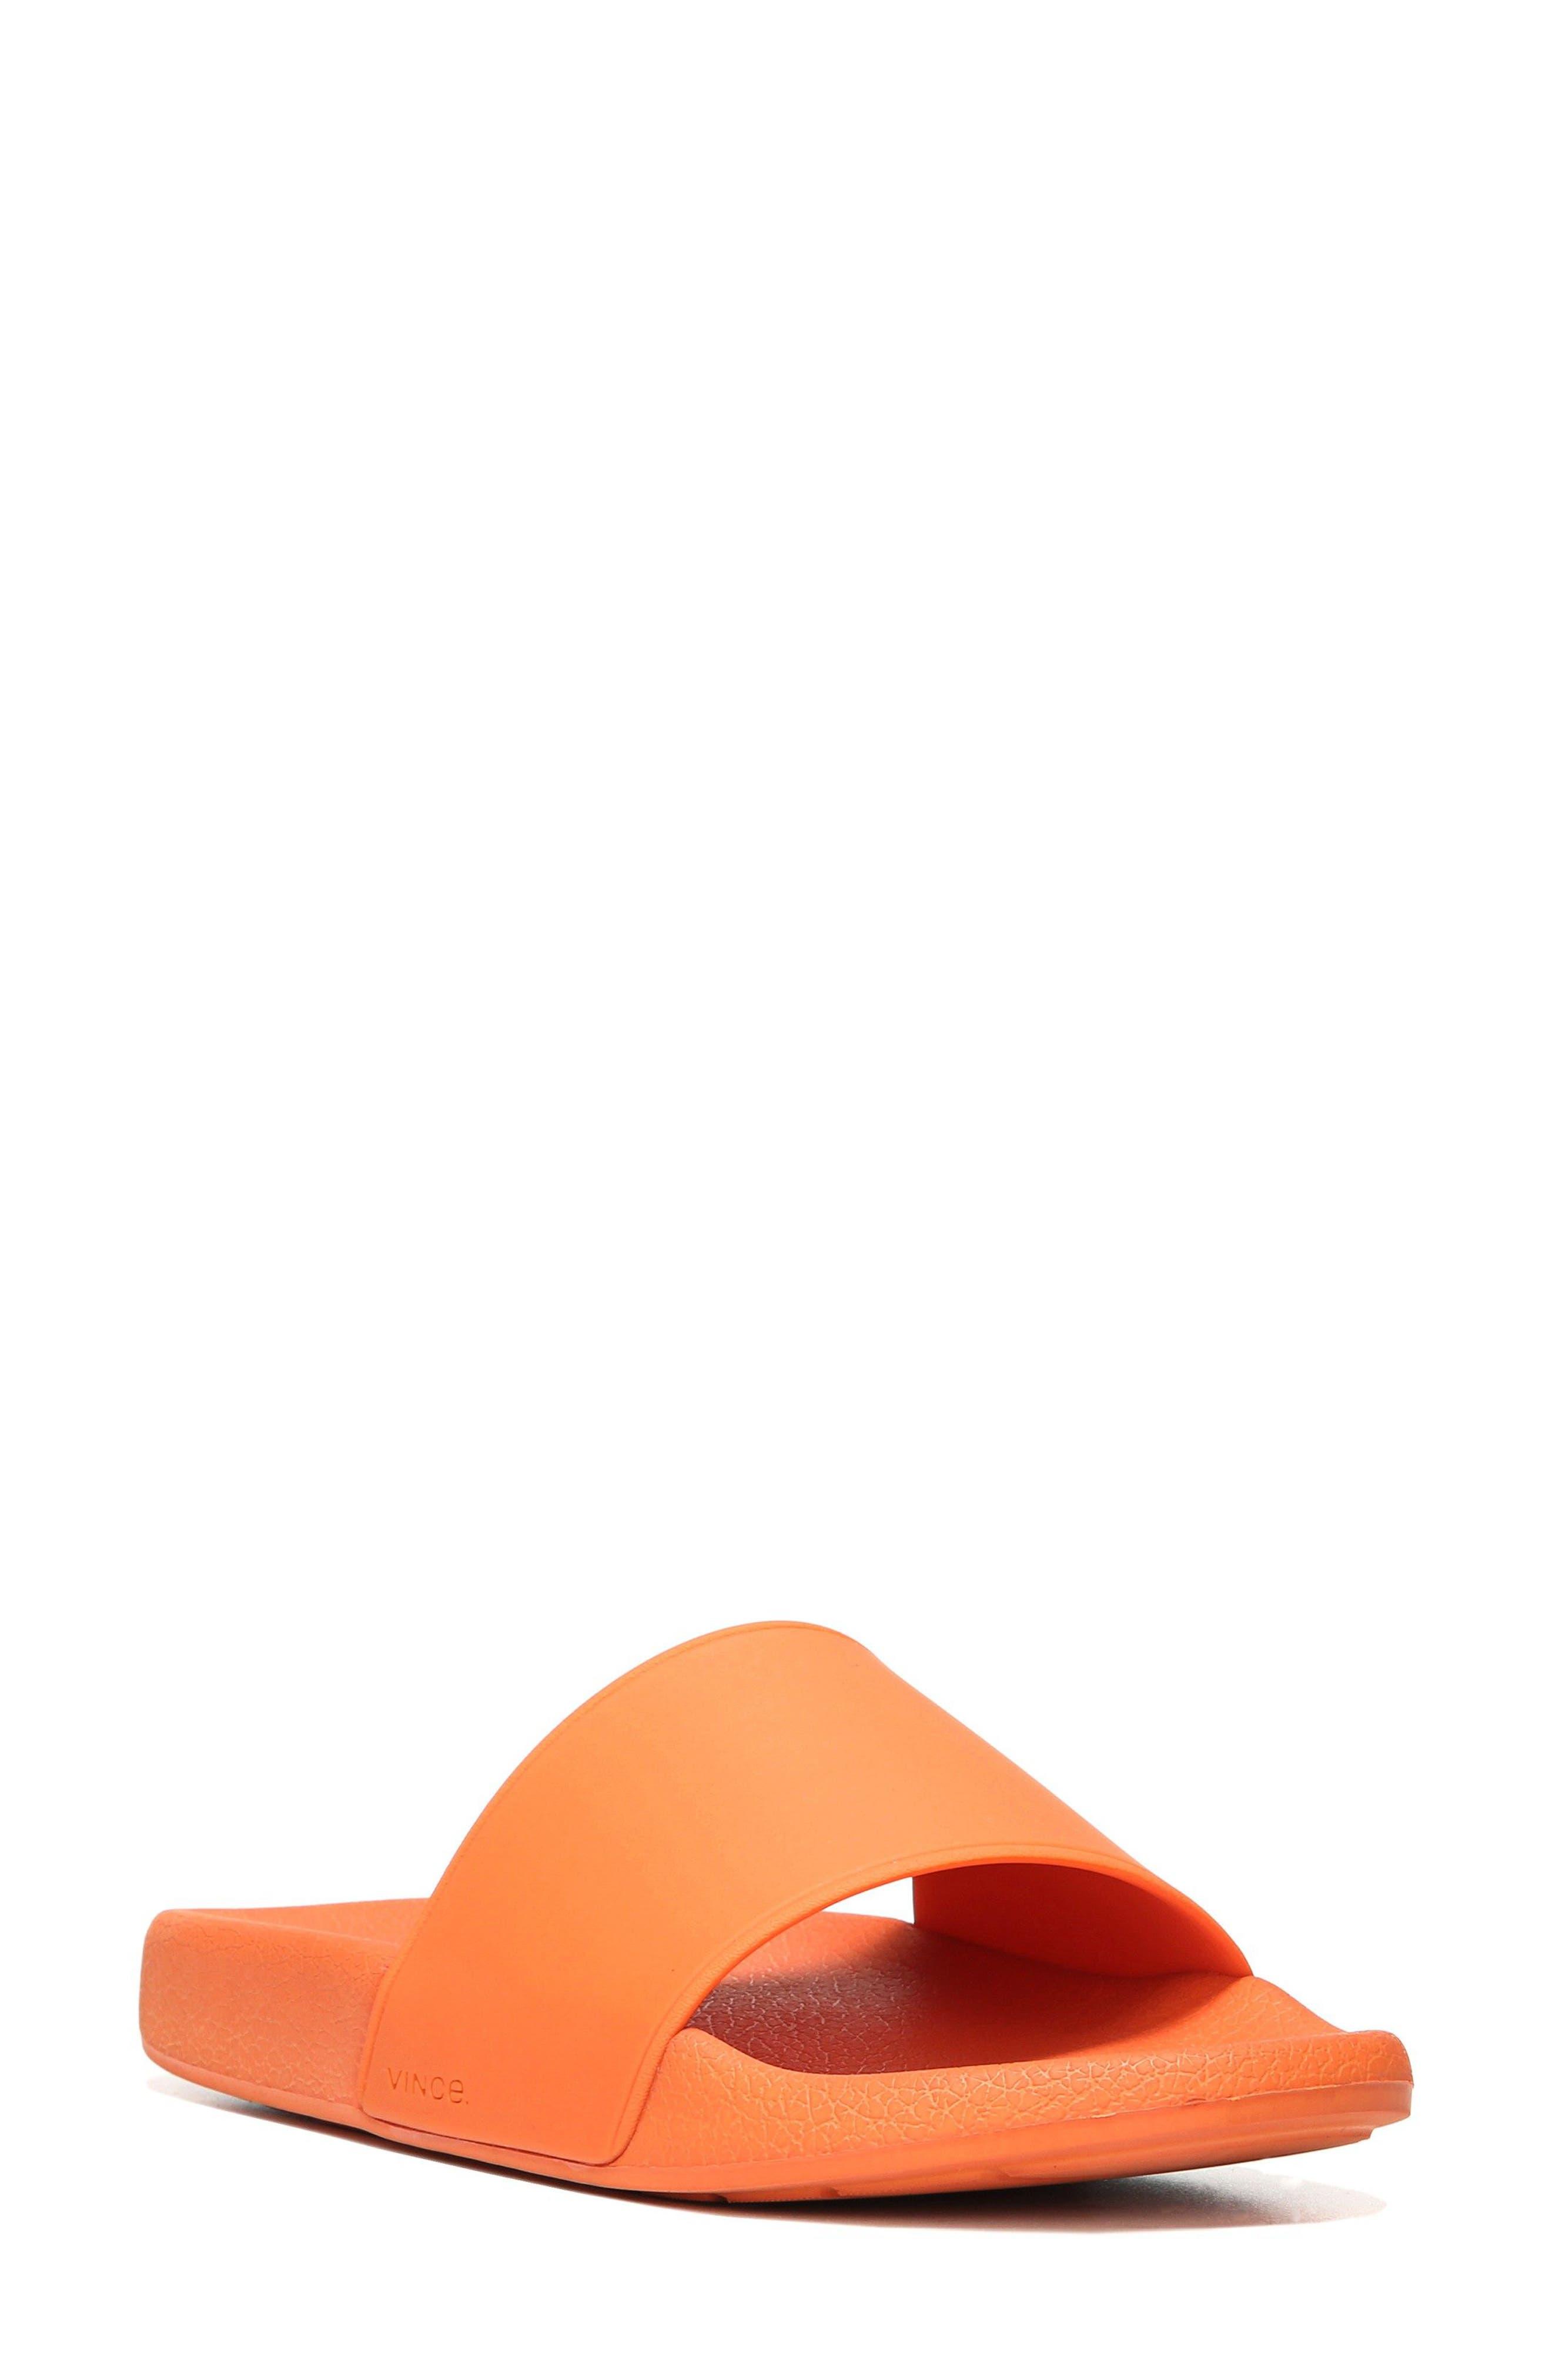 Westcoast Slide Sandal,                             Main thumbnail 3, color,